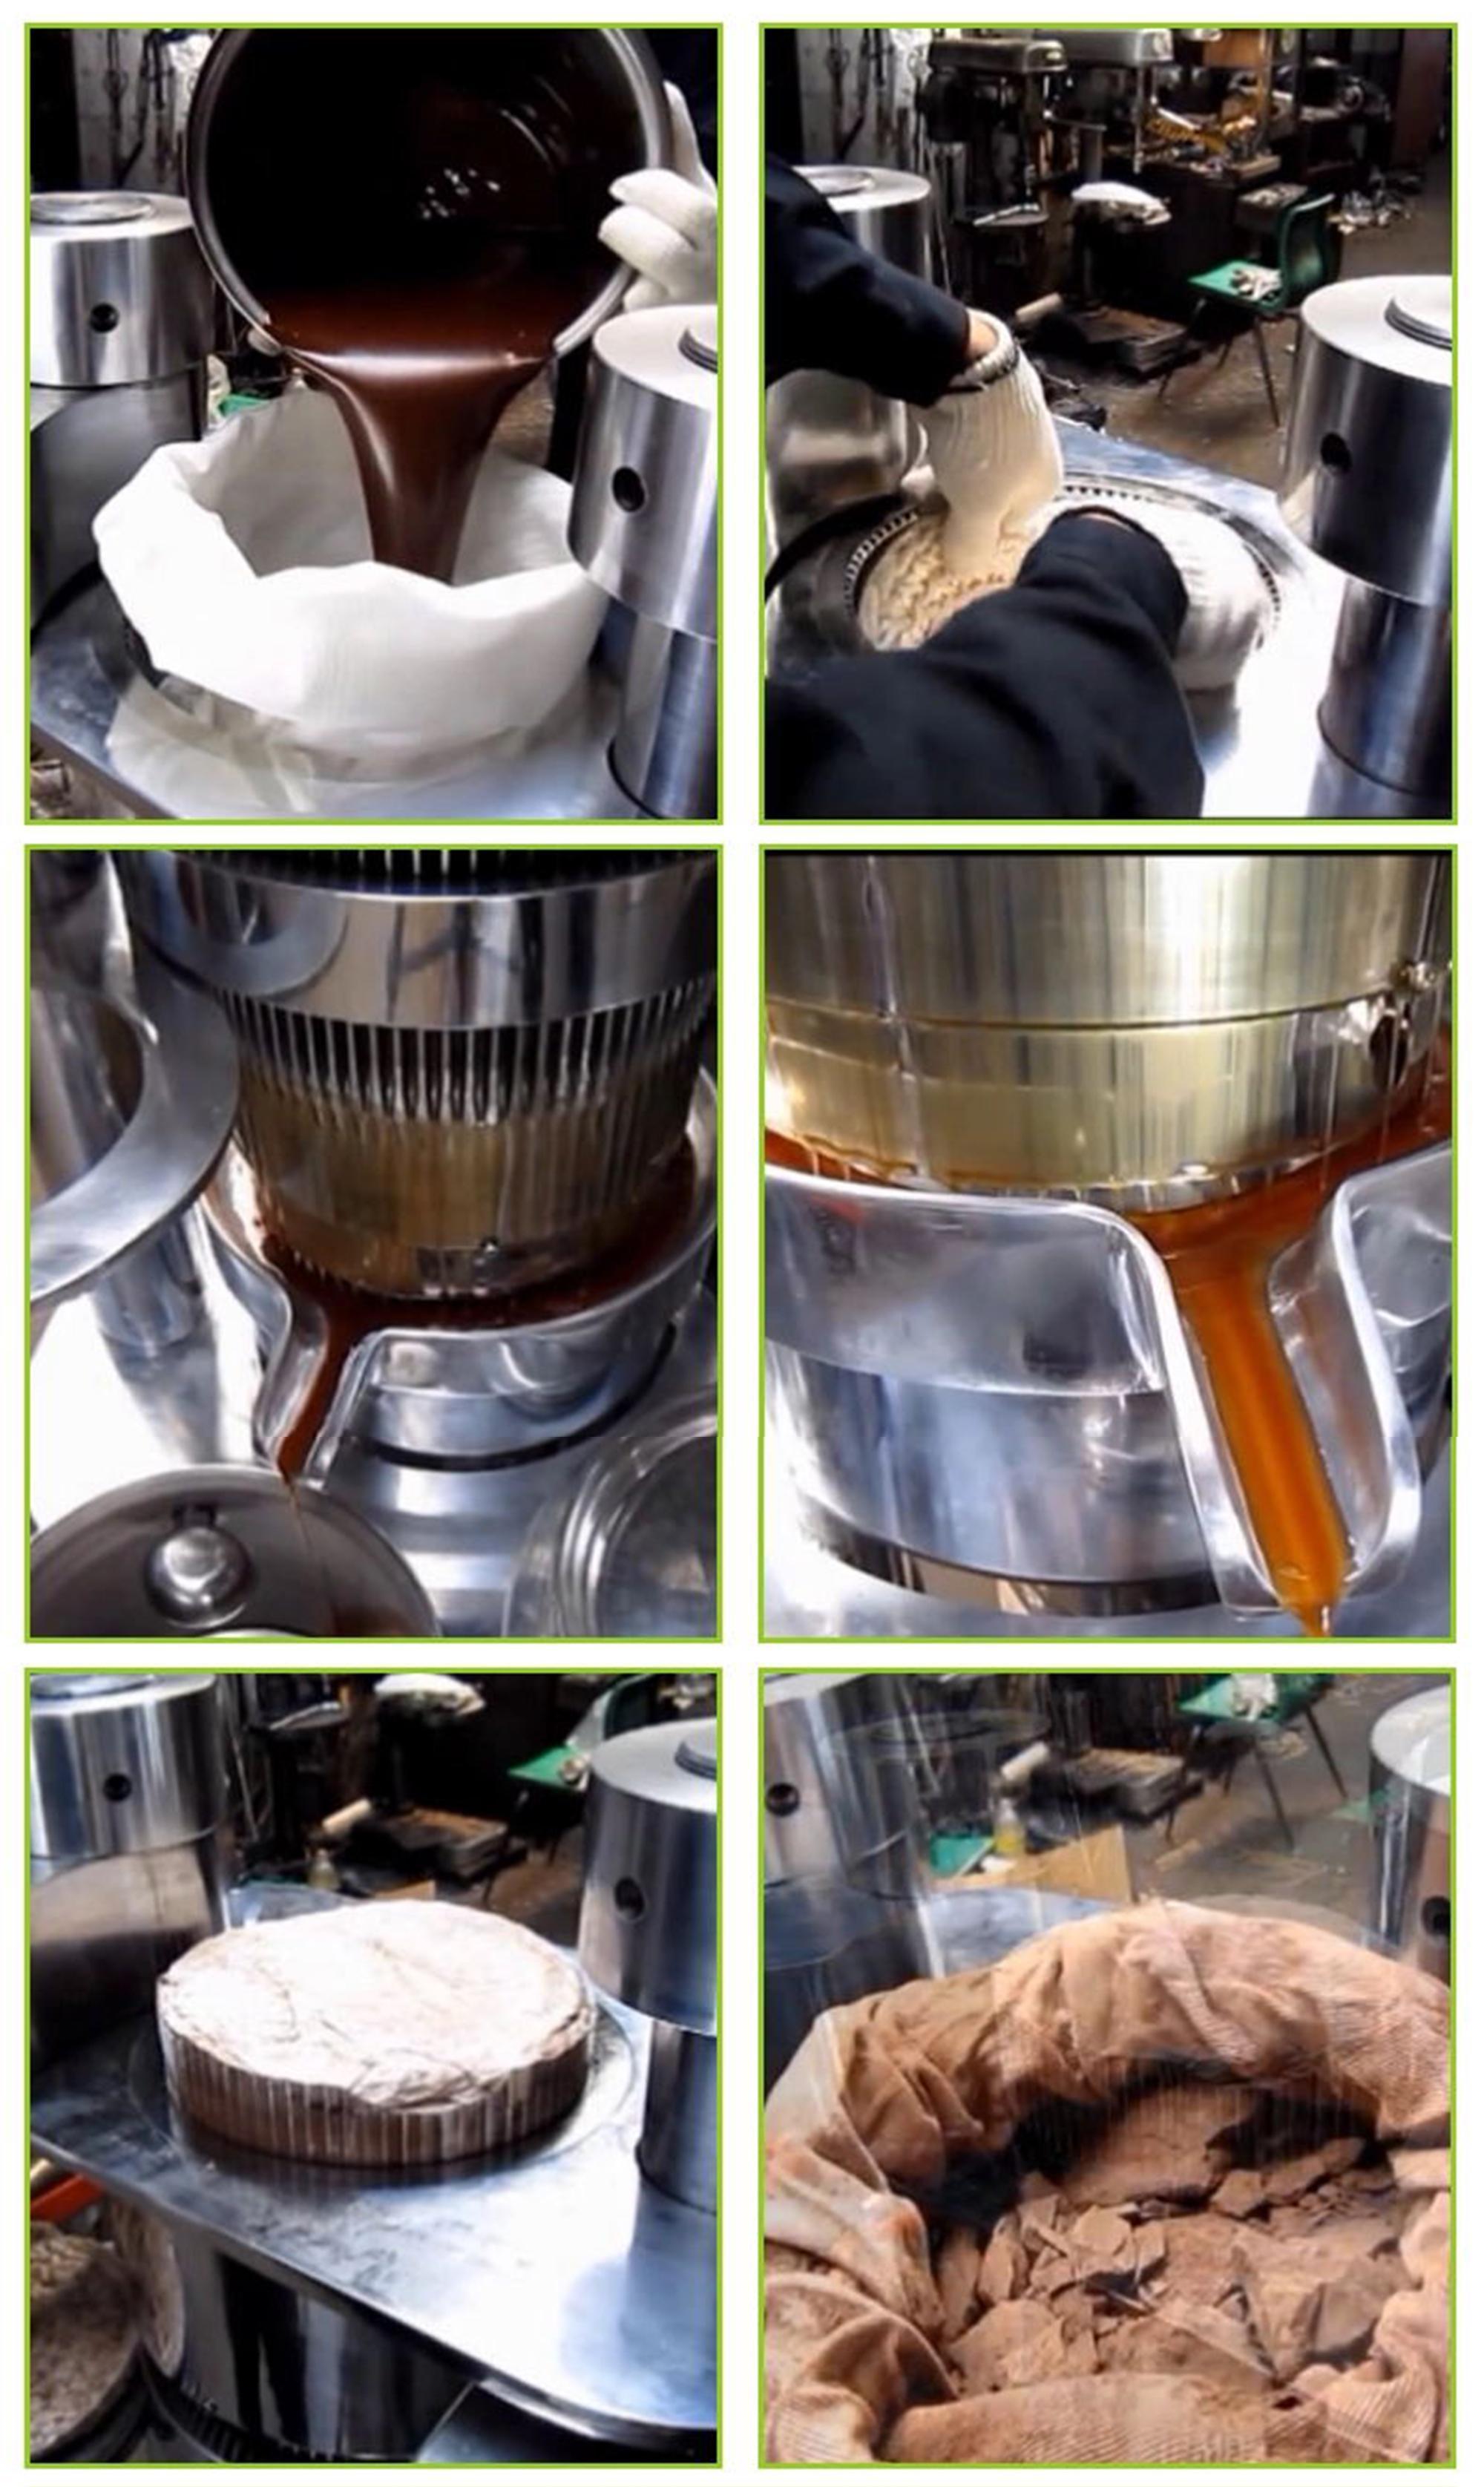 Bán Hot bơ ca cao chiết xuất máy hữu cơ bơ ca cao làm máy, bơ ca cao máy ép